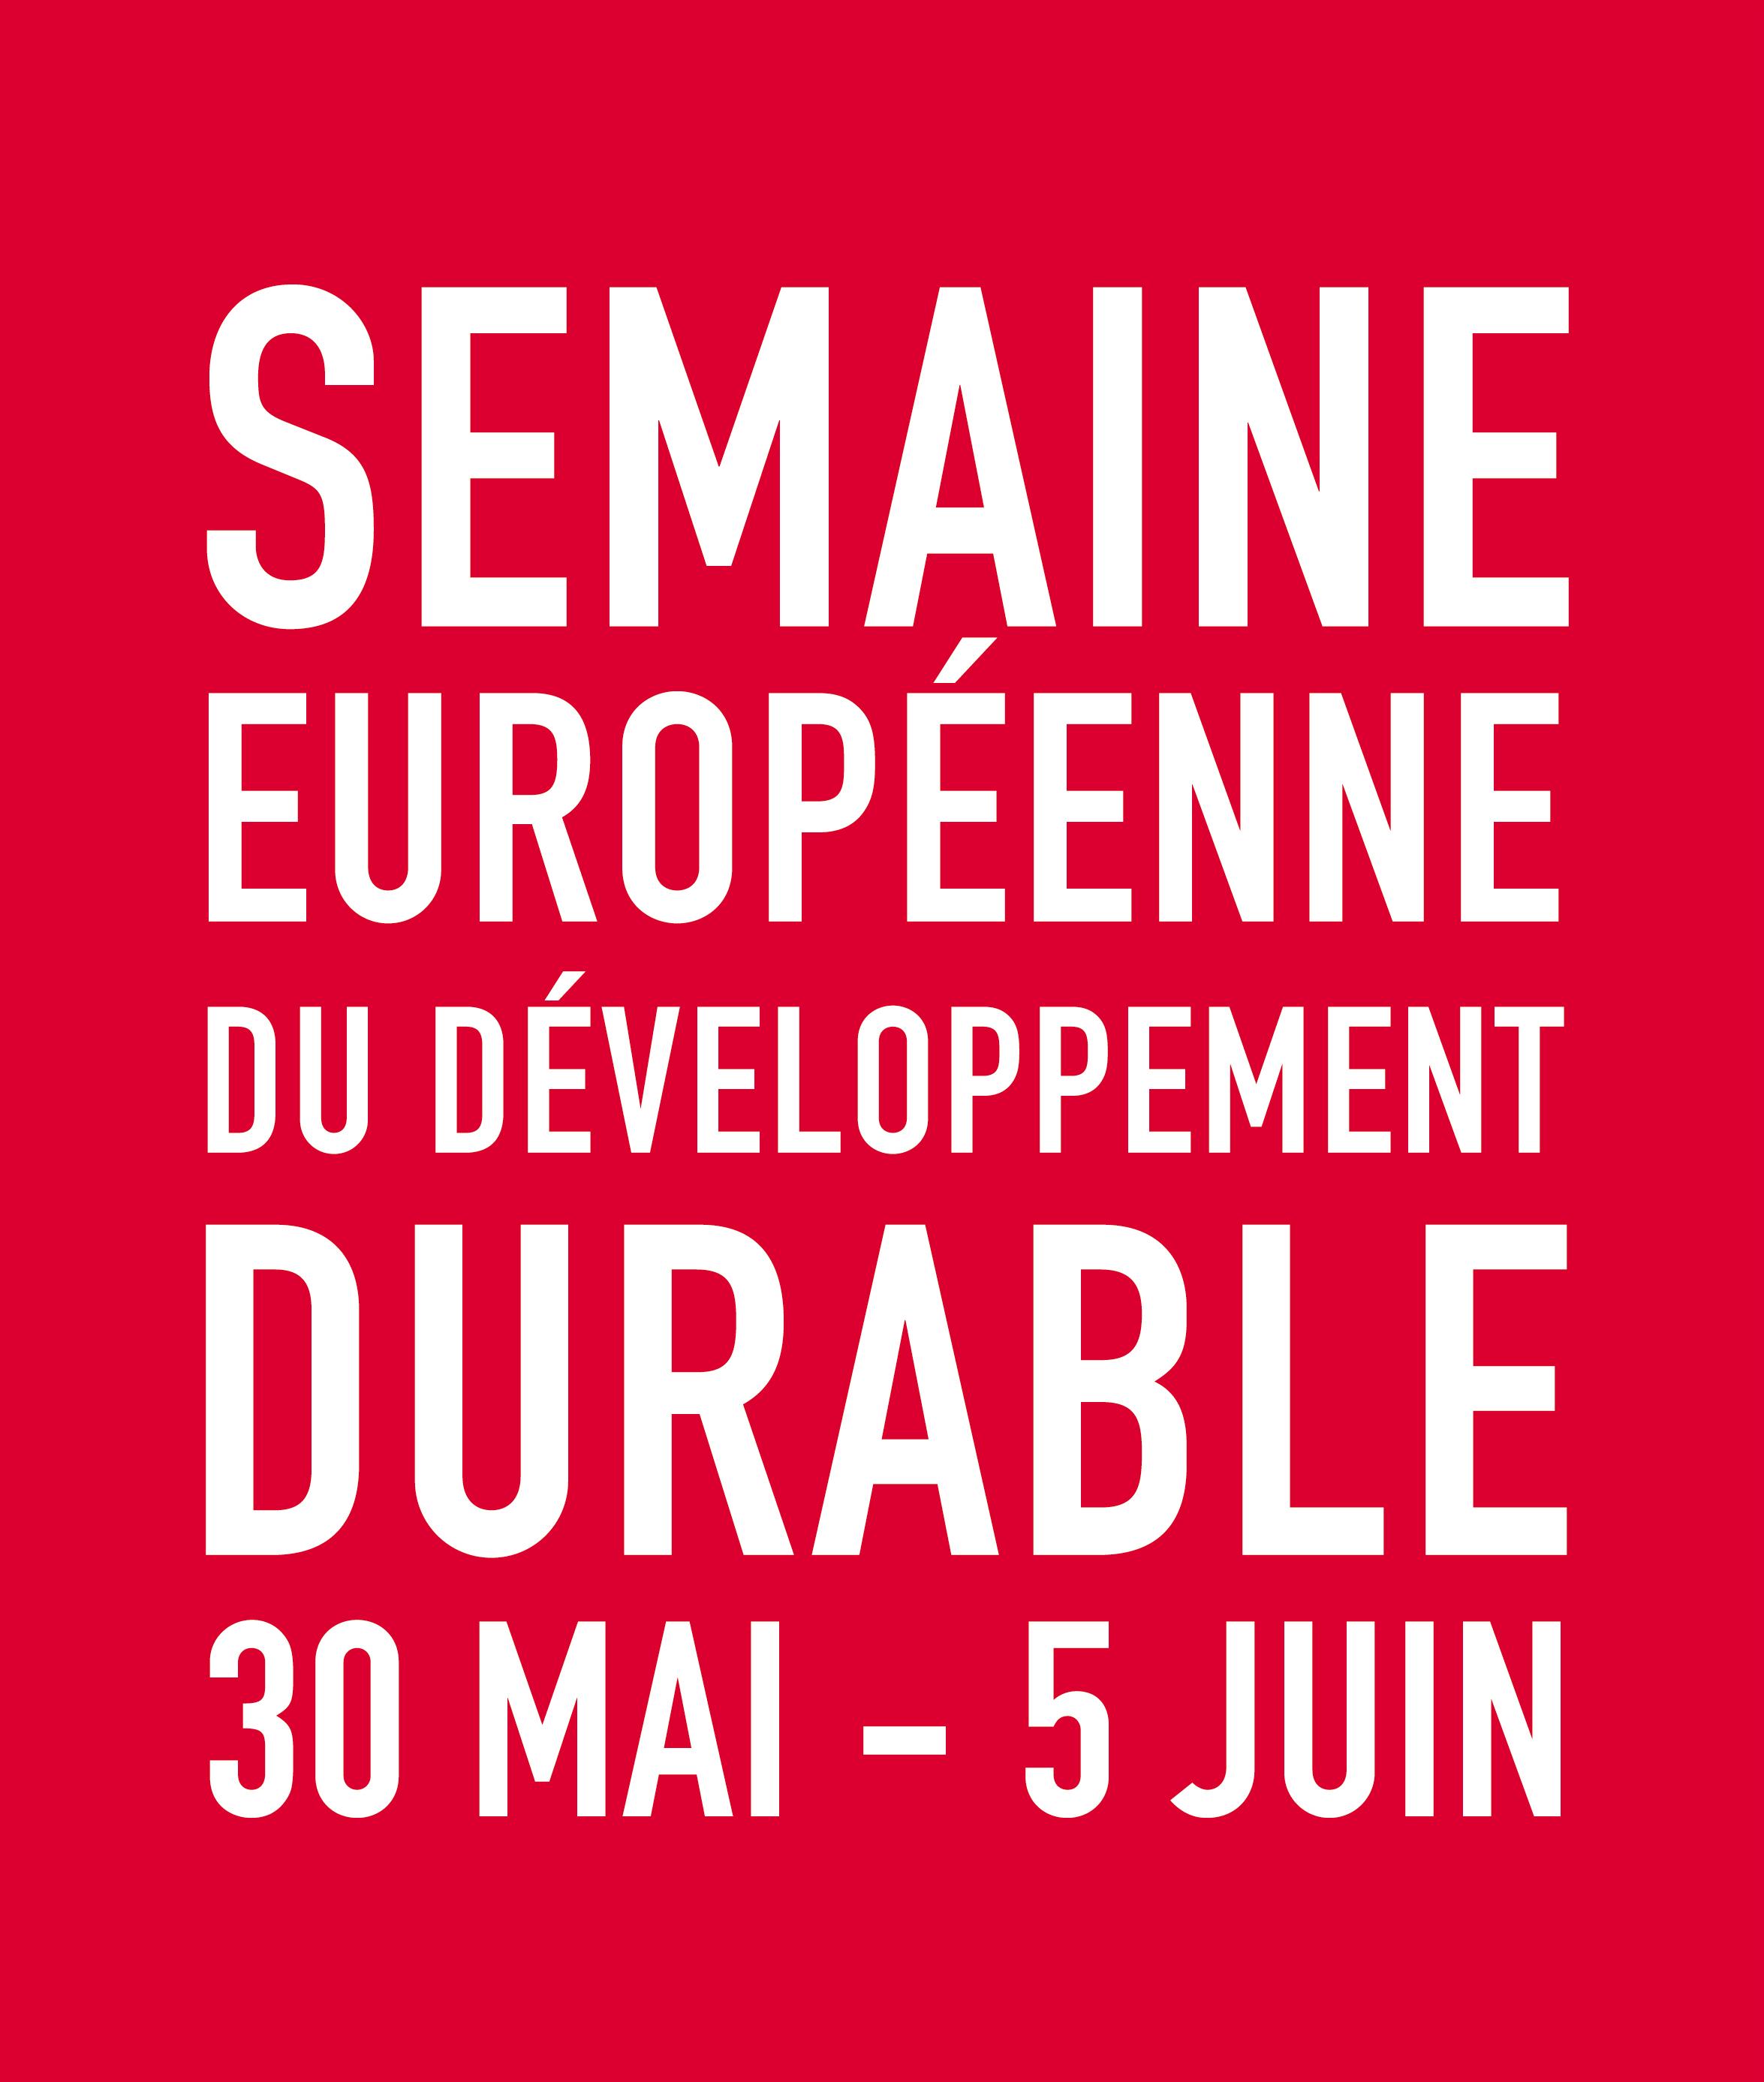 30/05 au 05/06/2017: Save the date! Semaine Européenne du Développement Durable